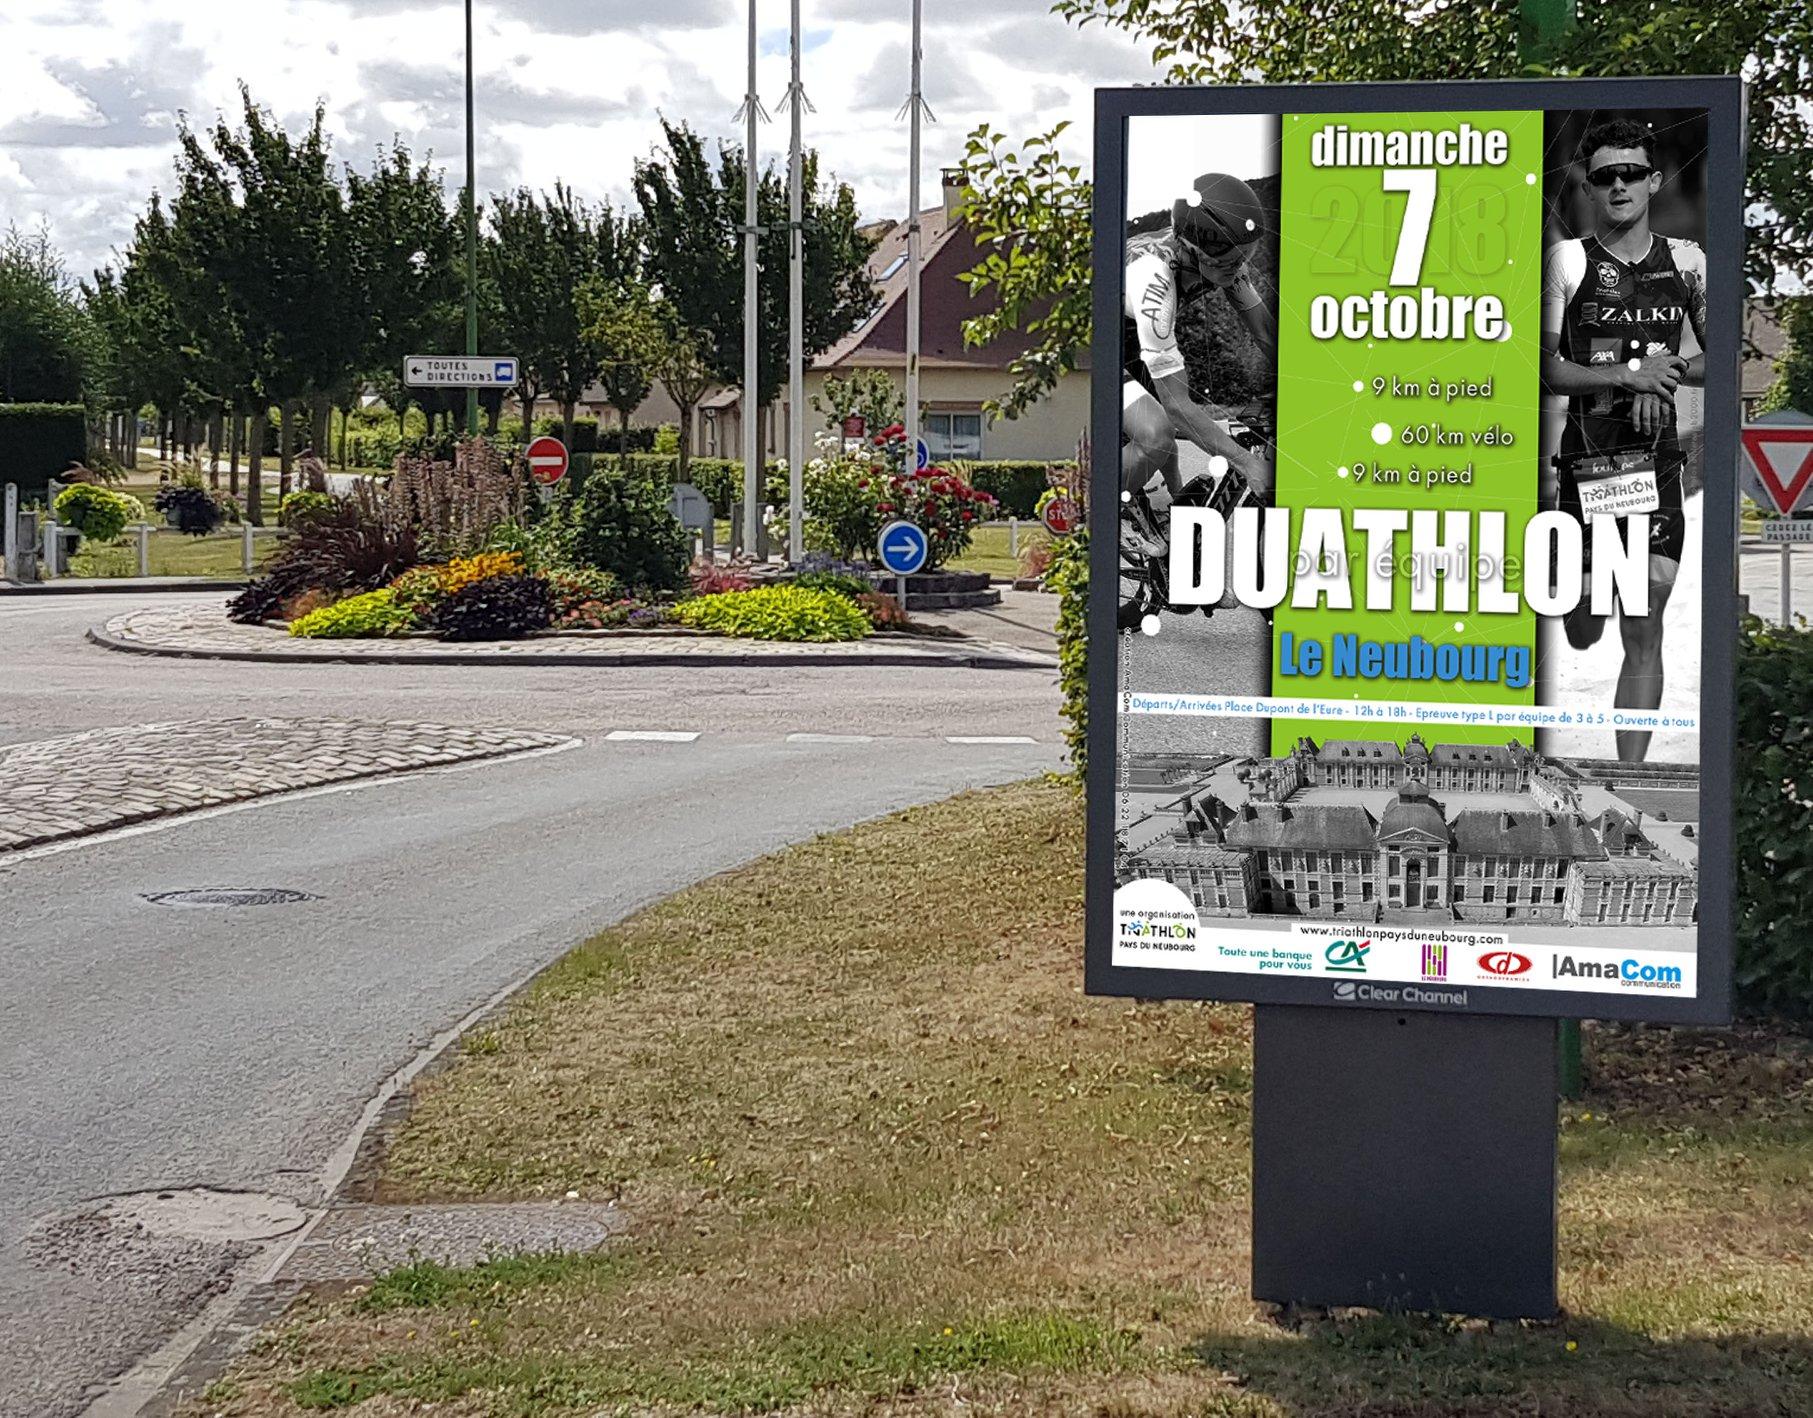 création affiche évènement sport agence de communication le neubourg eure normandie